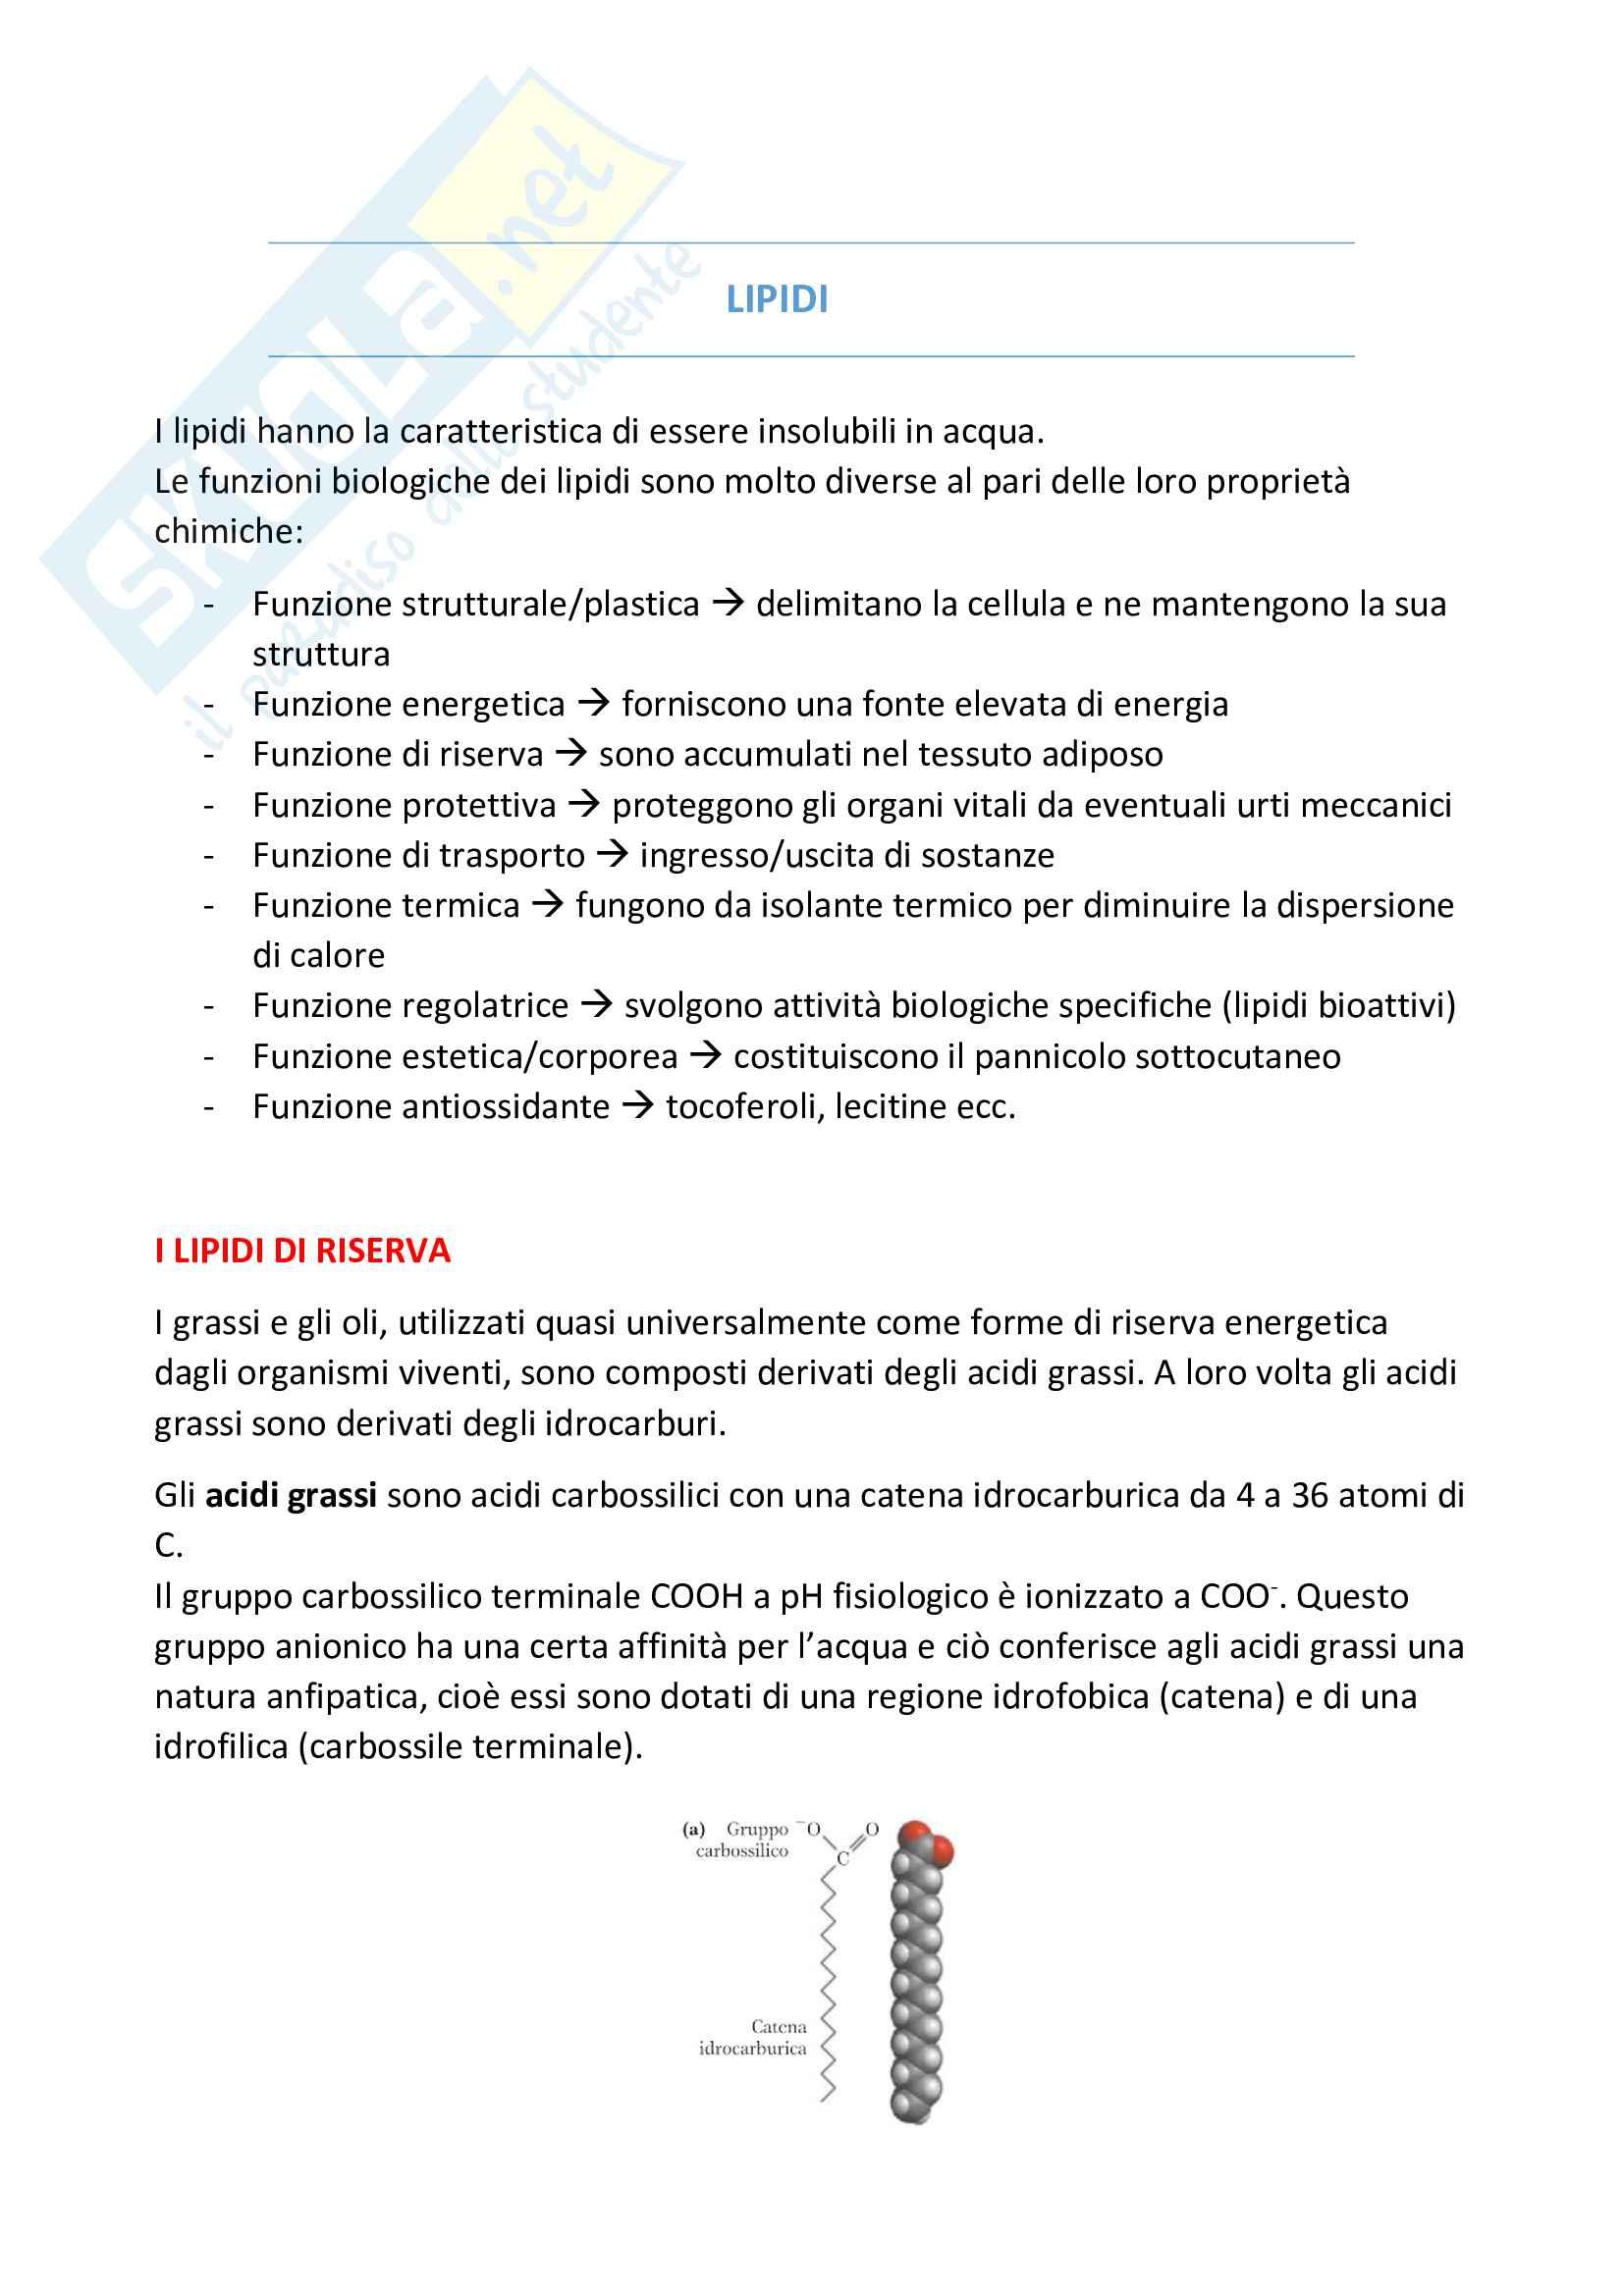 Lipidi - Schemi riassuntivi di Biochimica